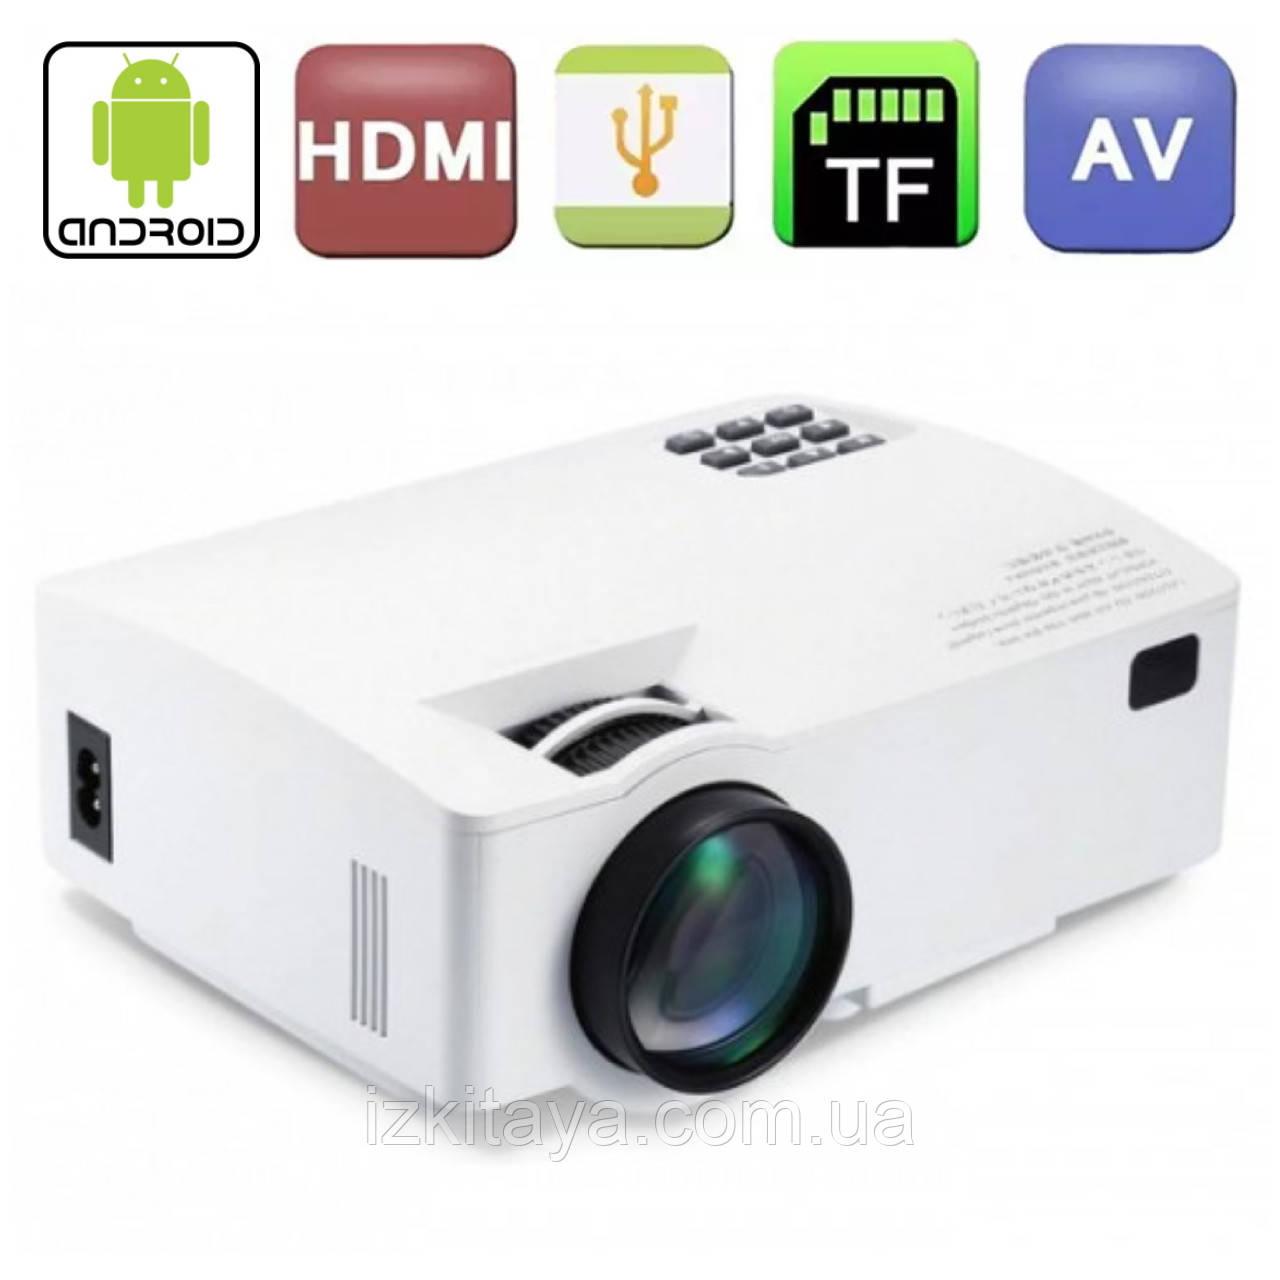 Мультимедійний проектор A8 портативний проектор для дому та офісу краща альтернатива телевізору